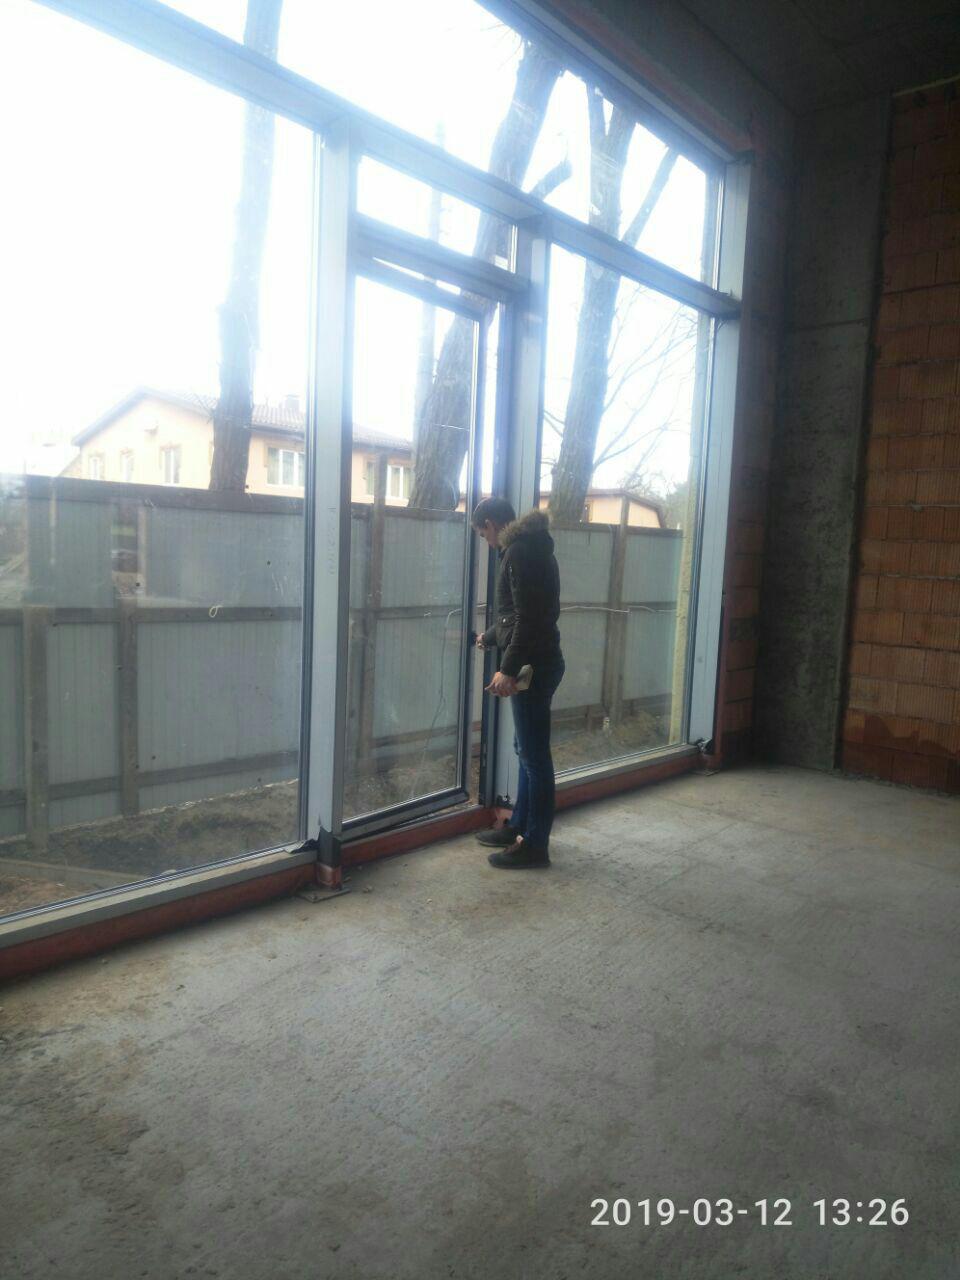 Фото Принимаем на сервис свой обьект,рост мастера1880.Такие двери! Всё работает без броблем.